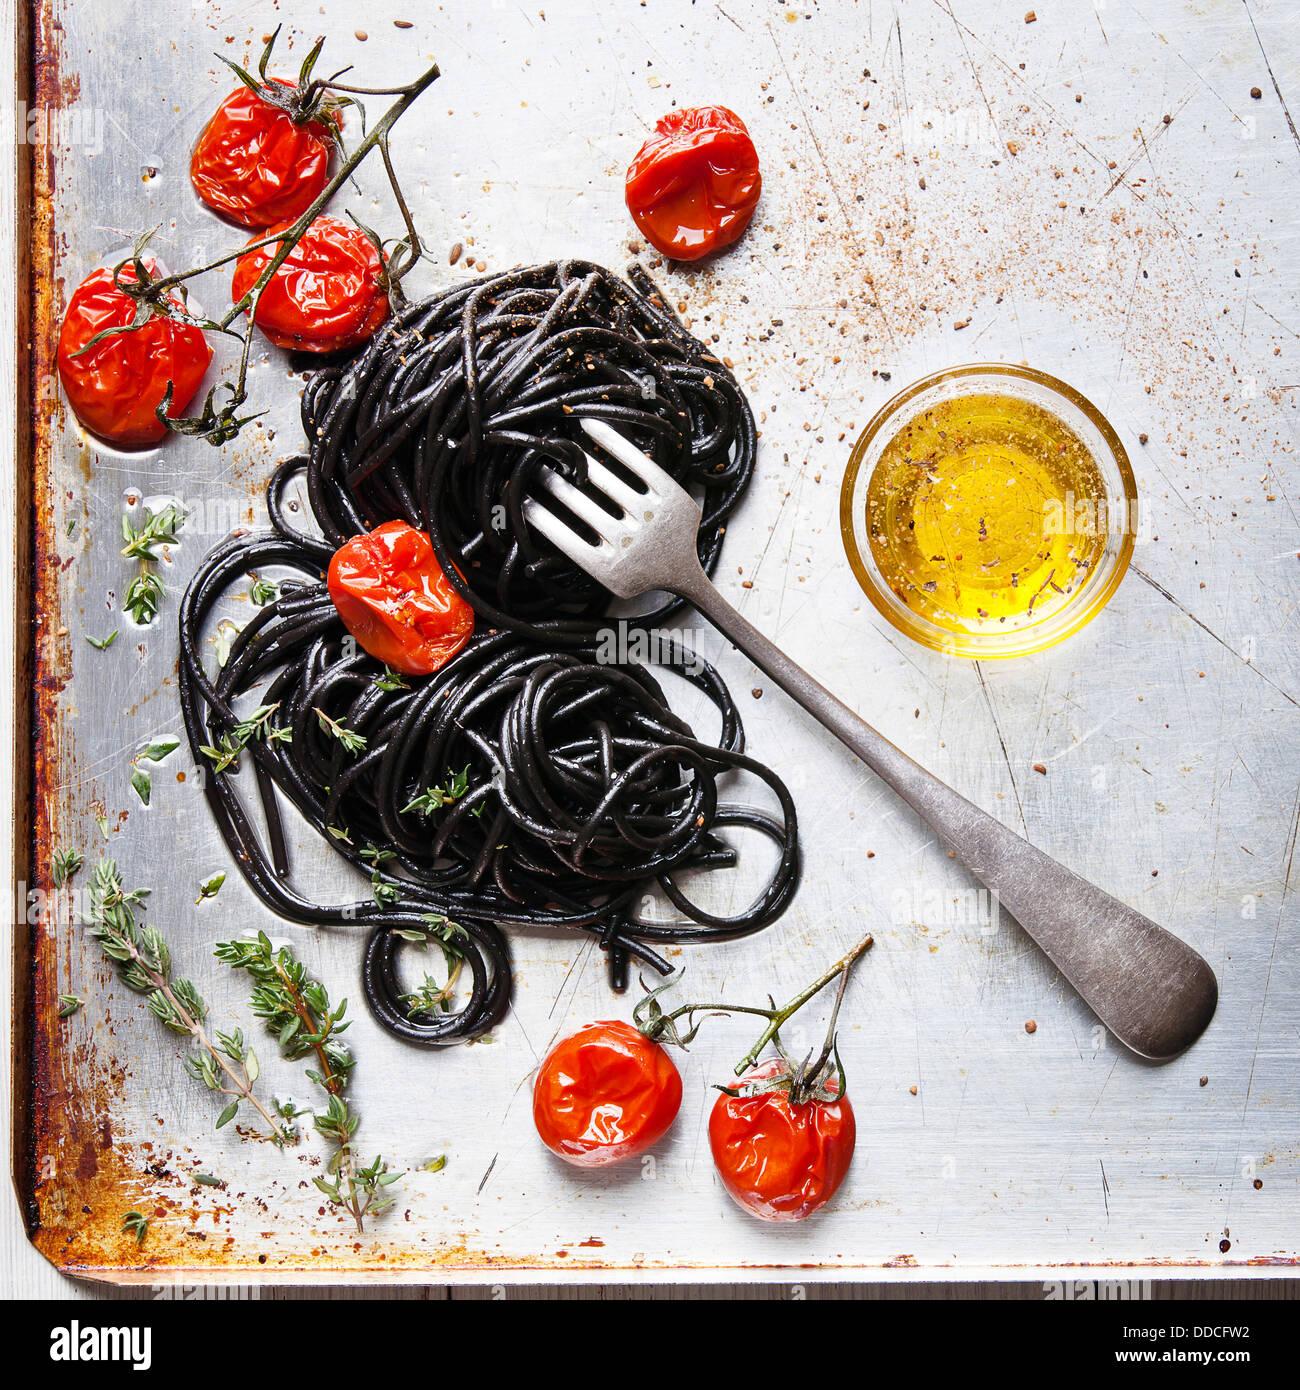 Spaghetti à la sauce tomate noire Photo Stock